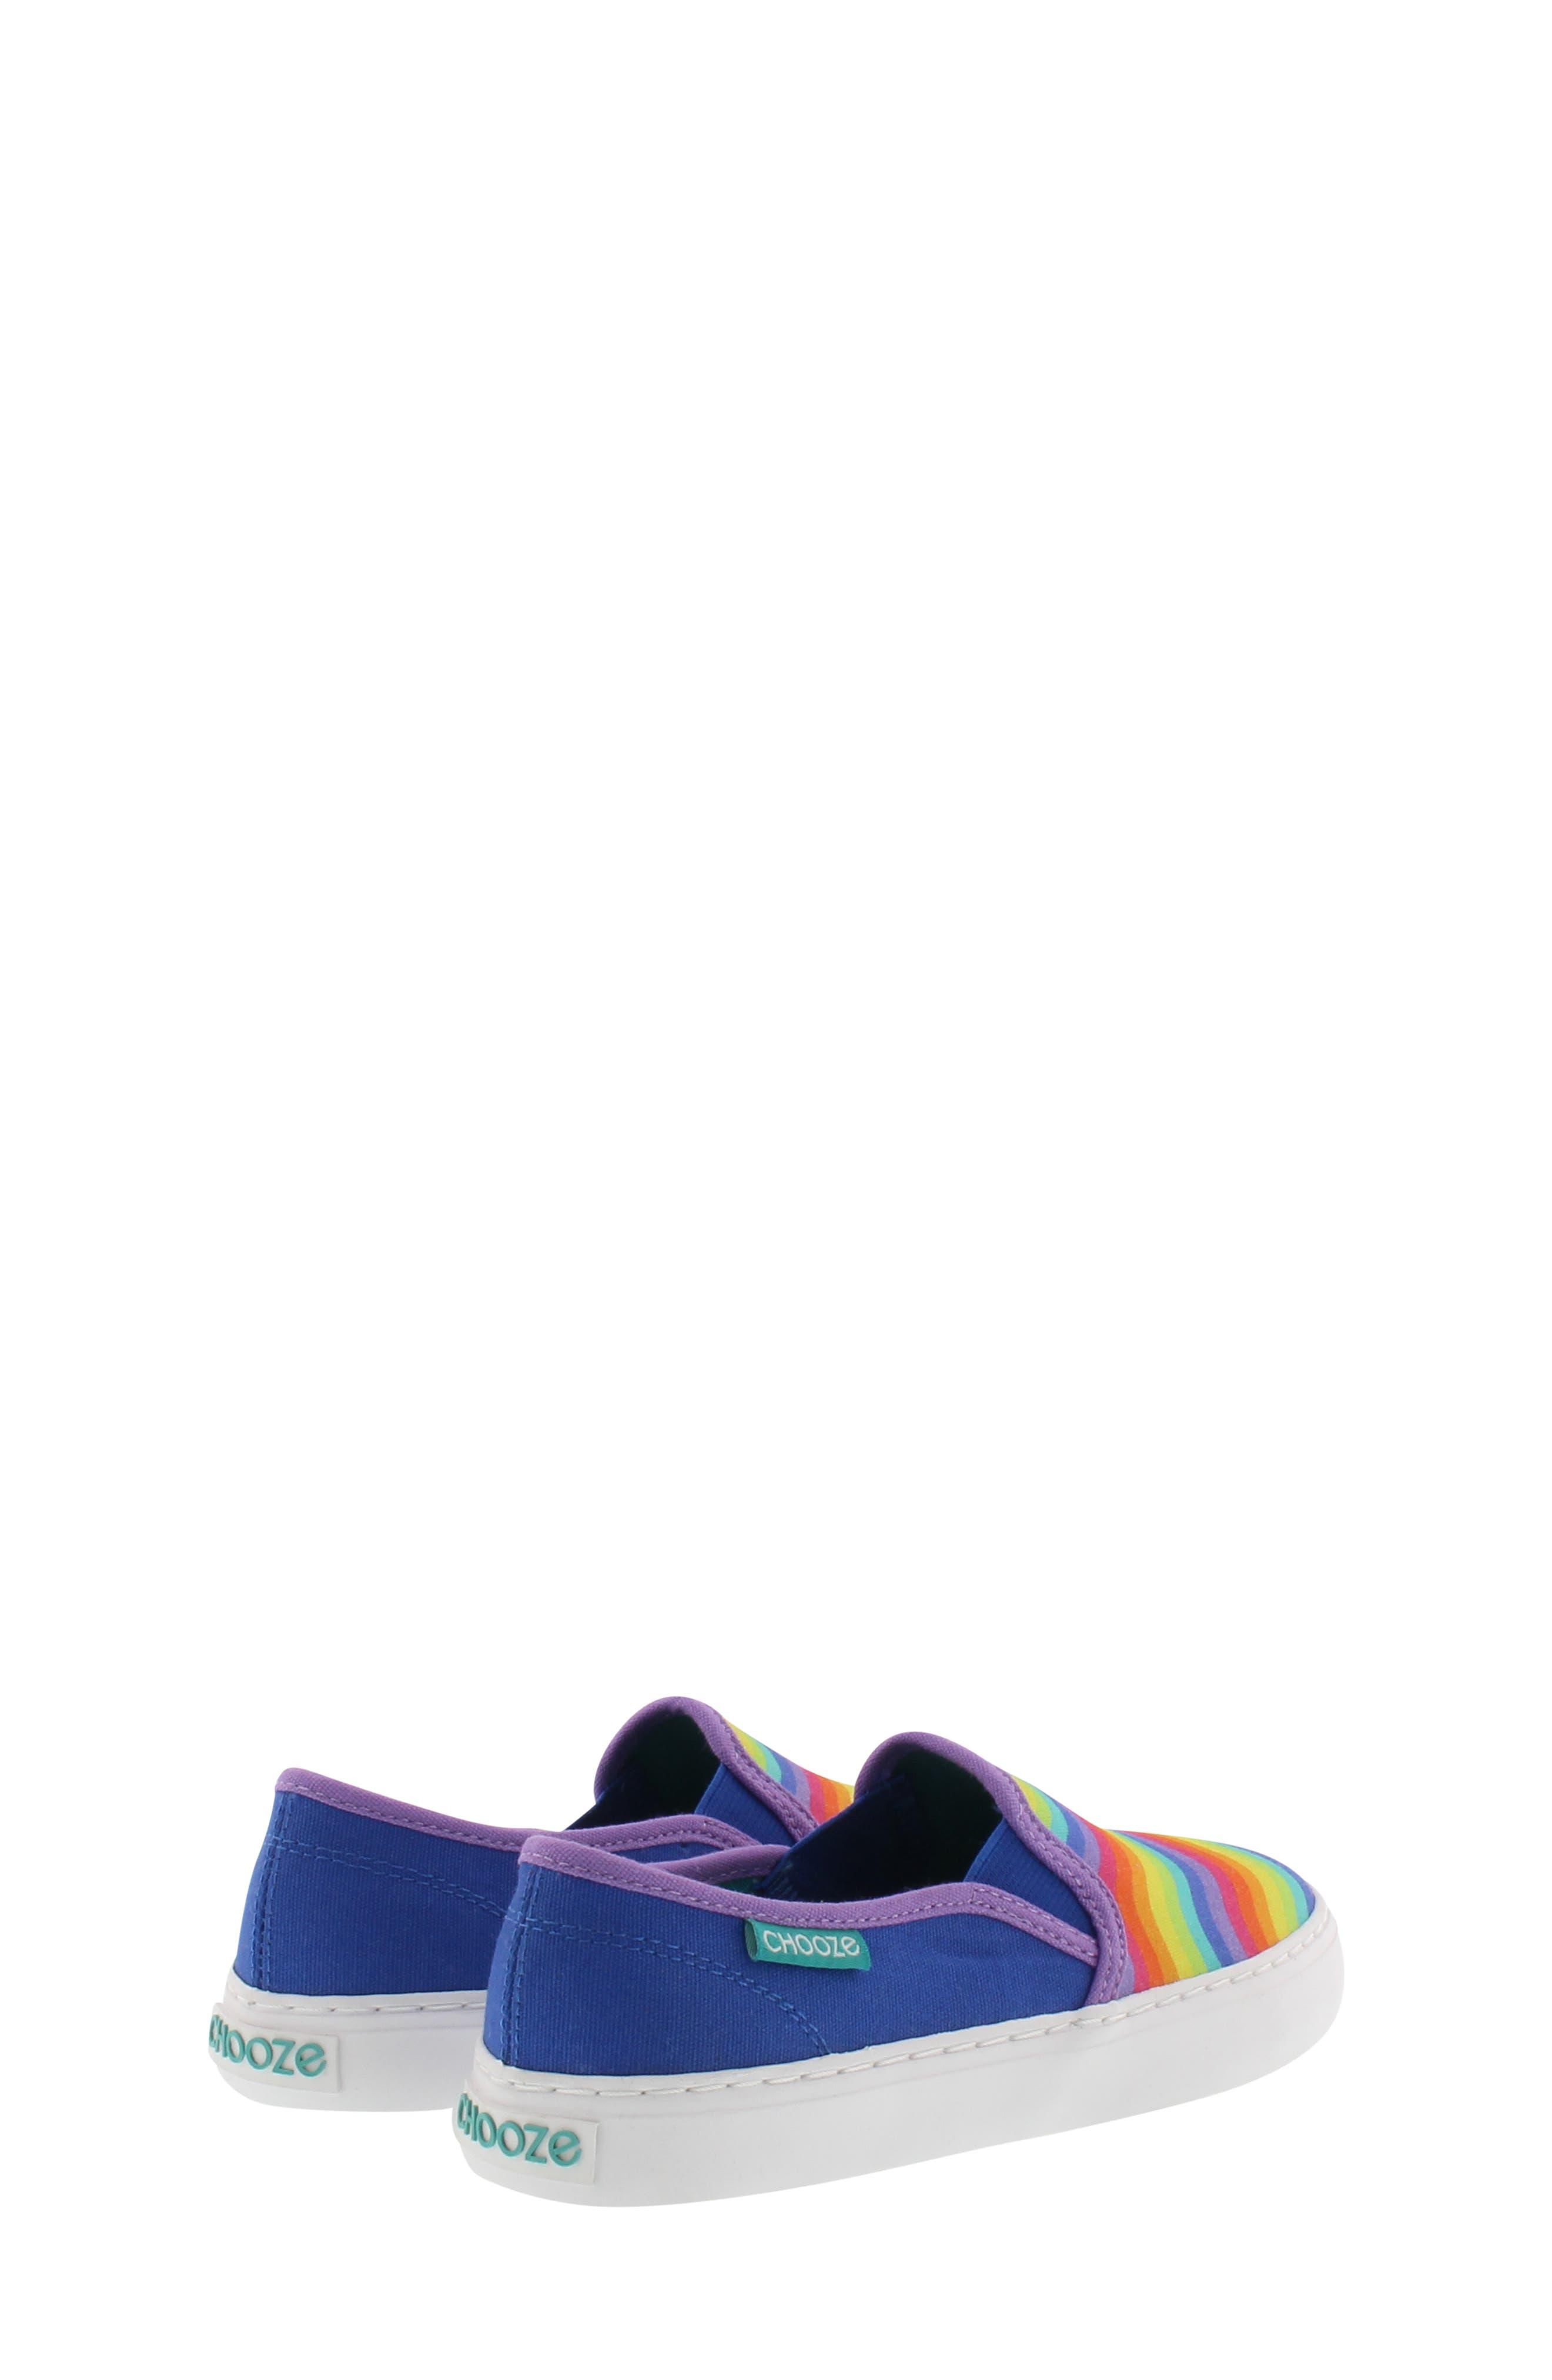 CHOOZE, Motion Slip-On Sneaker, Alternate thumbnail 2, color, BLUE MULTI